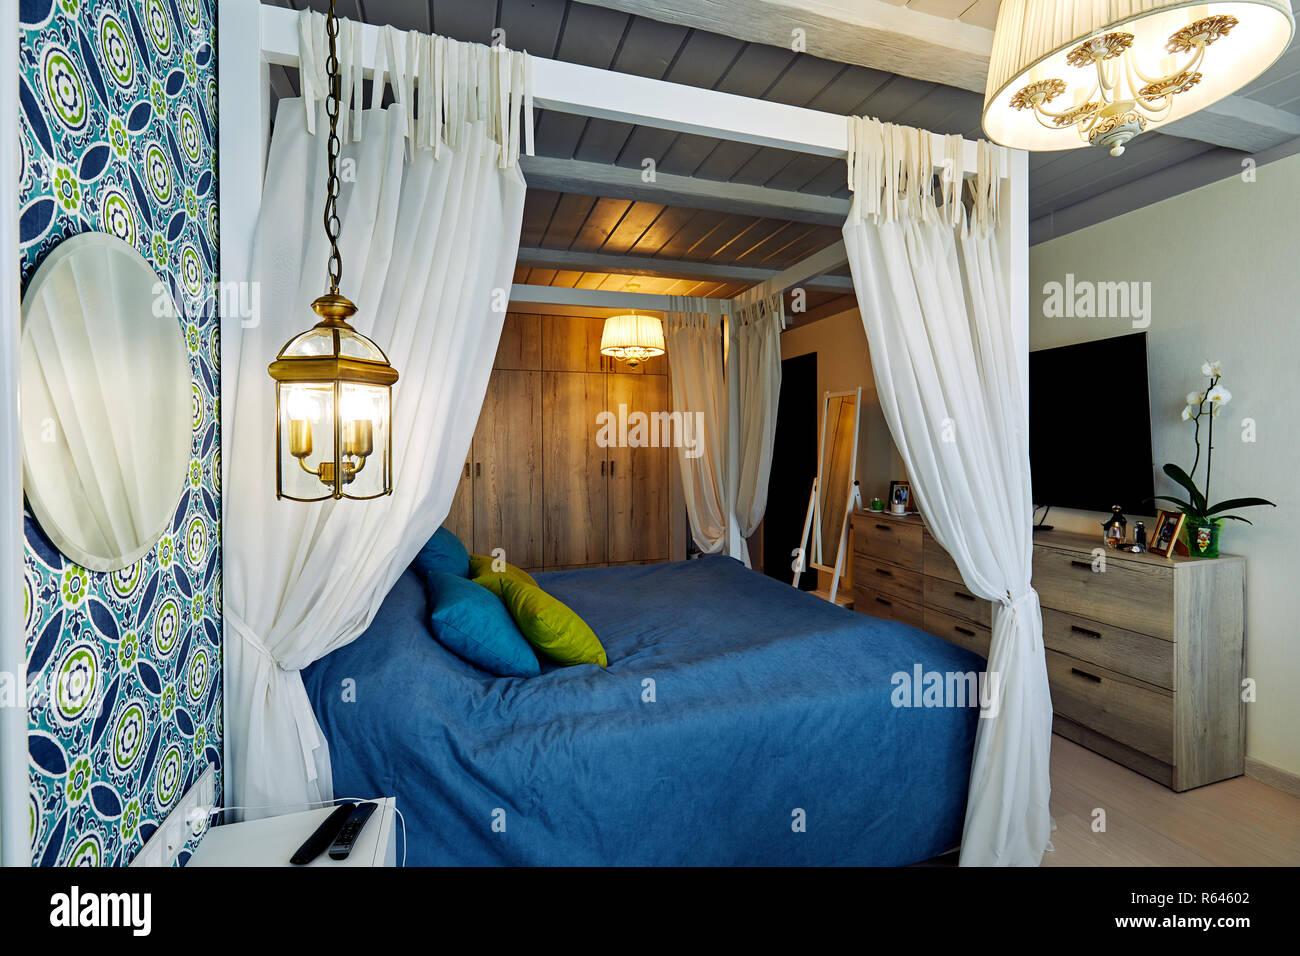 Moskau Russland 06062018 Schön Eingerichtete Schlafzimmer Mit